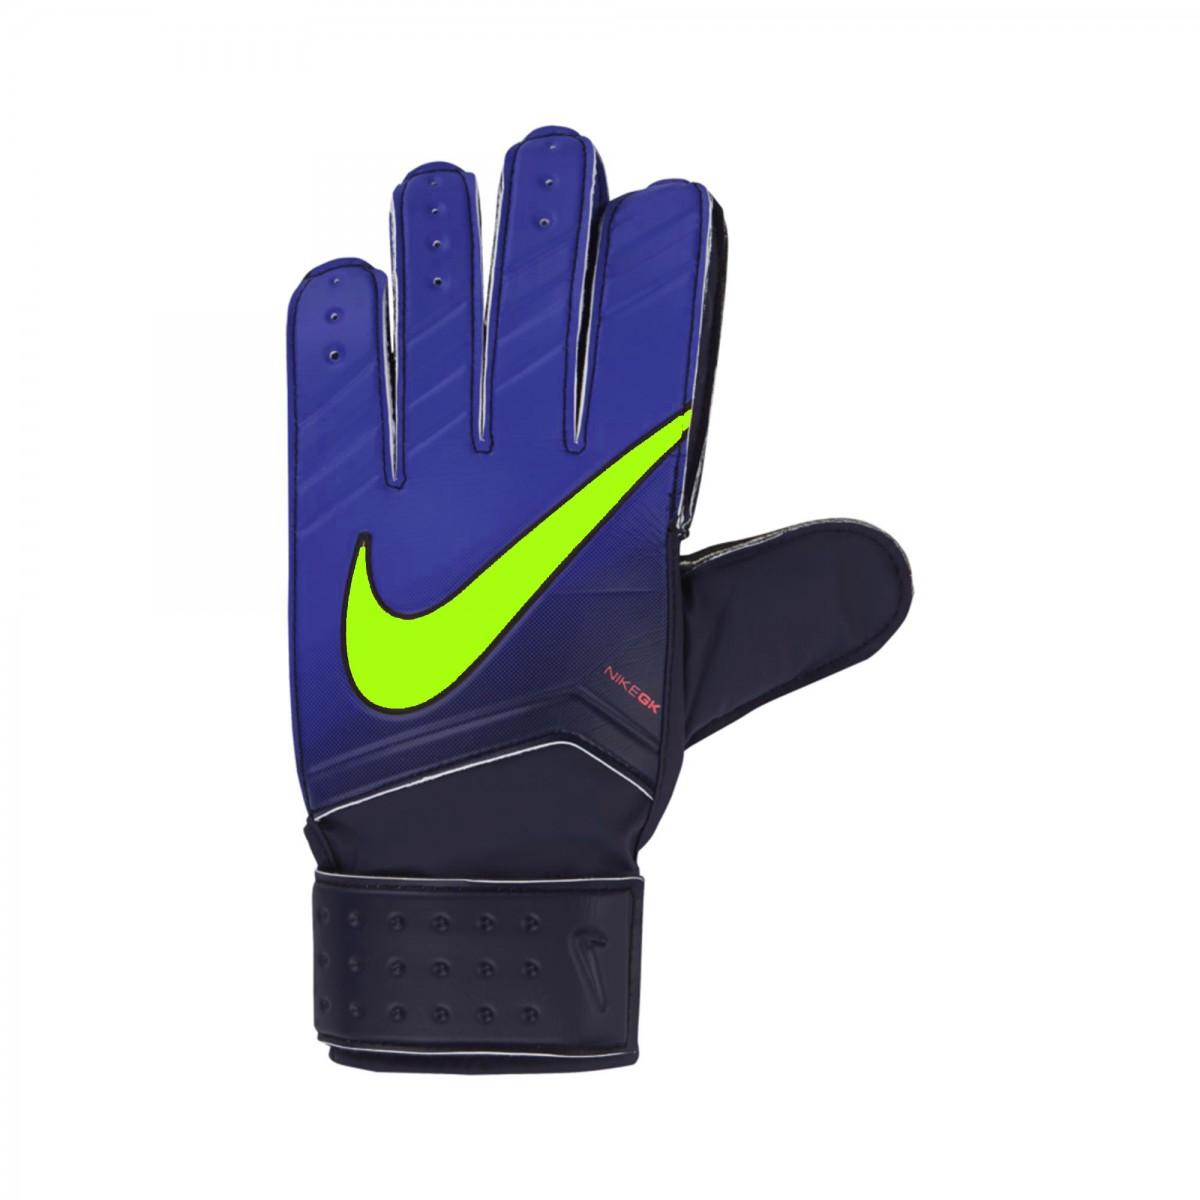 2ba61c841 Luva de Goleiro Nike GK Match GS0330-451 - Azul - Botas Online ...